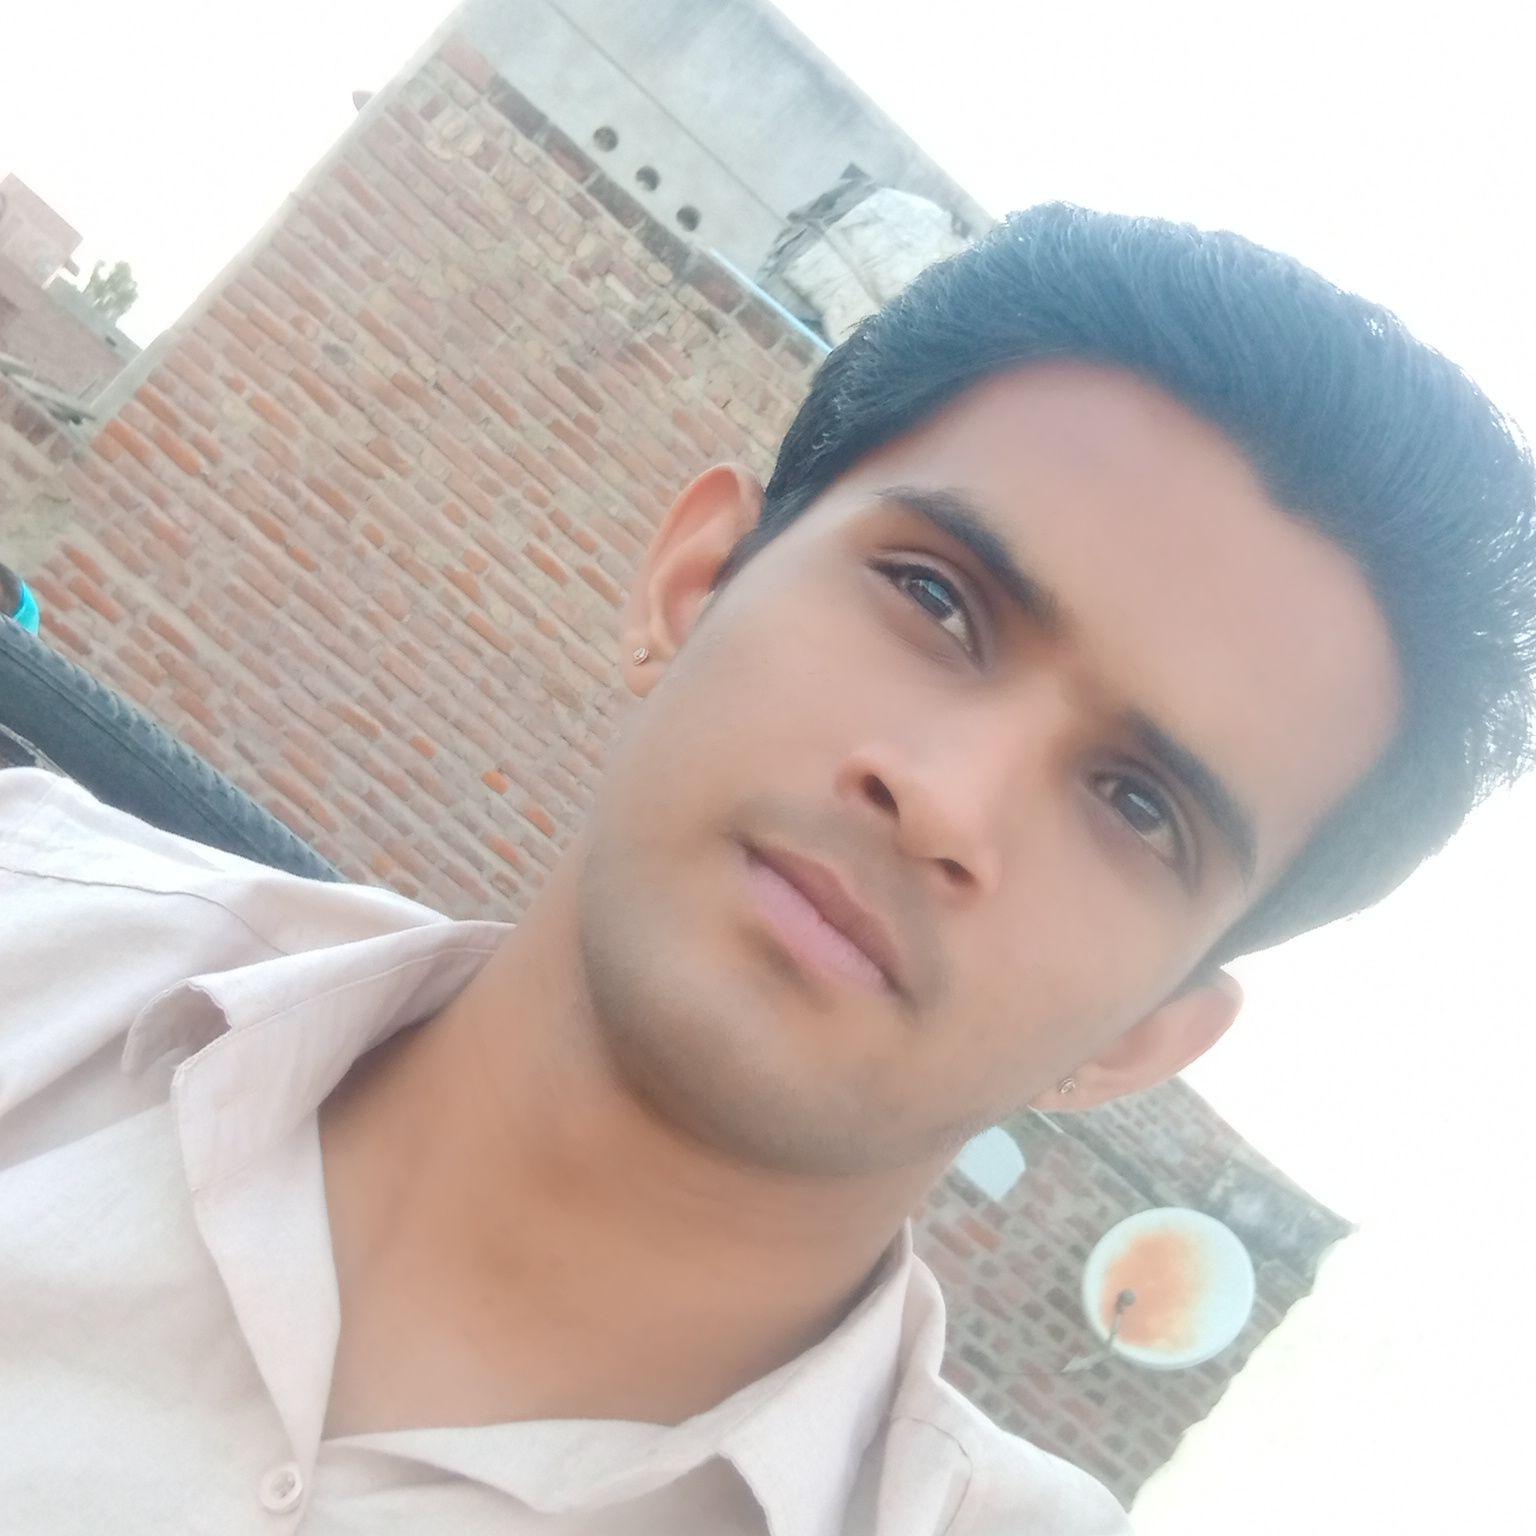 Manish rajpurohit